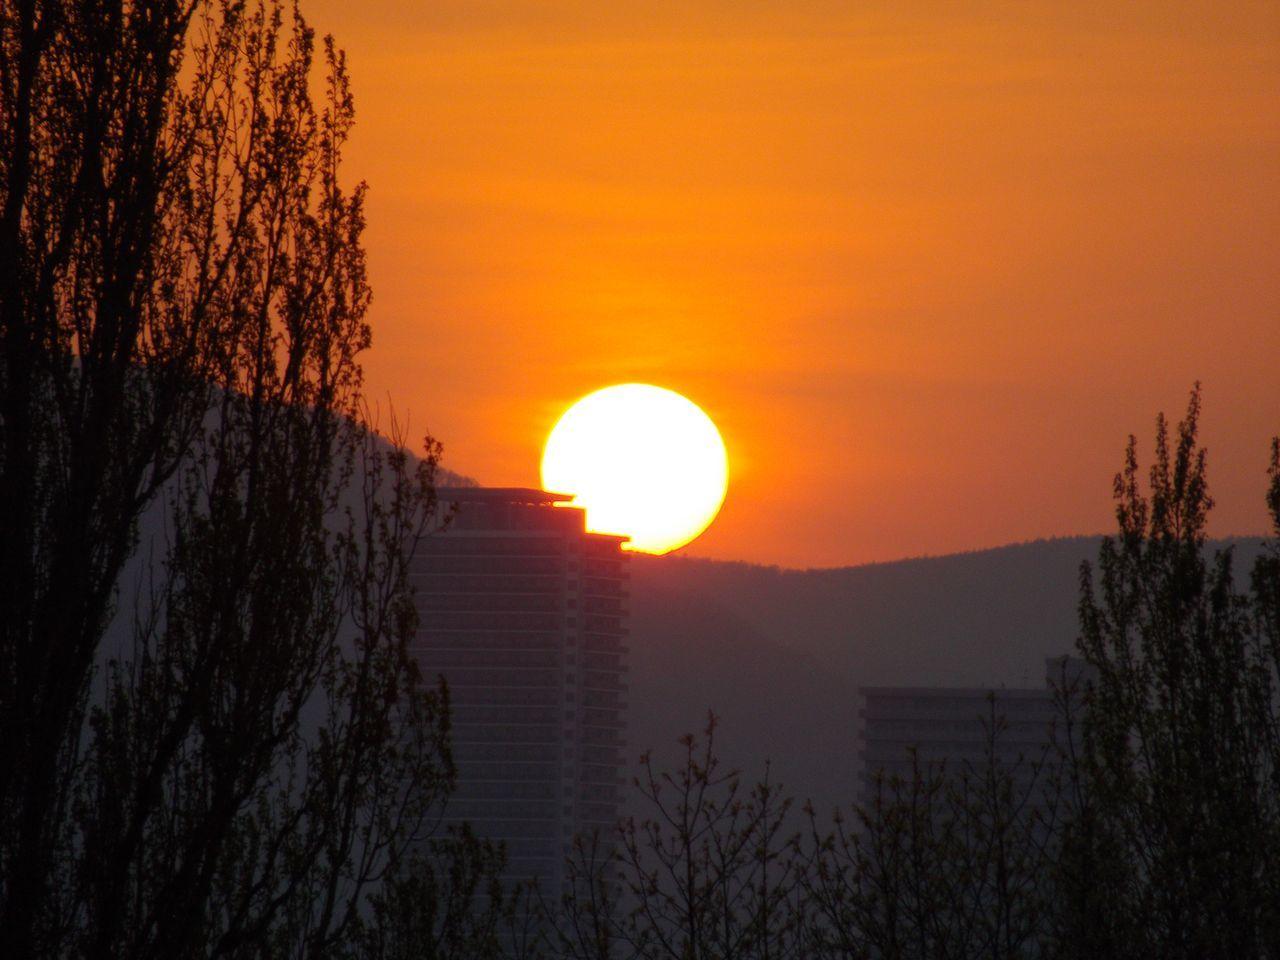 札幌らしい春の一日か_c0025115_20262446.jpg